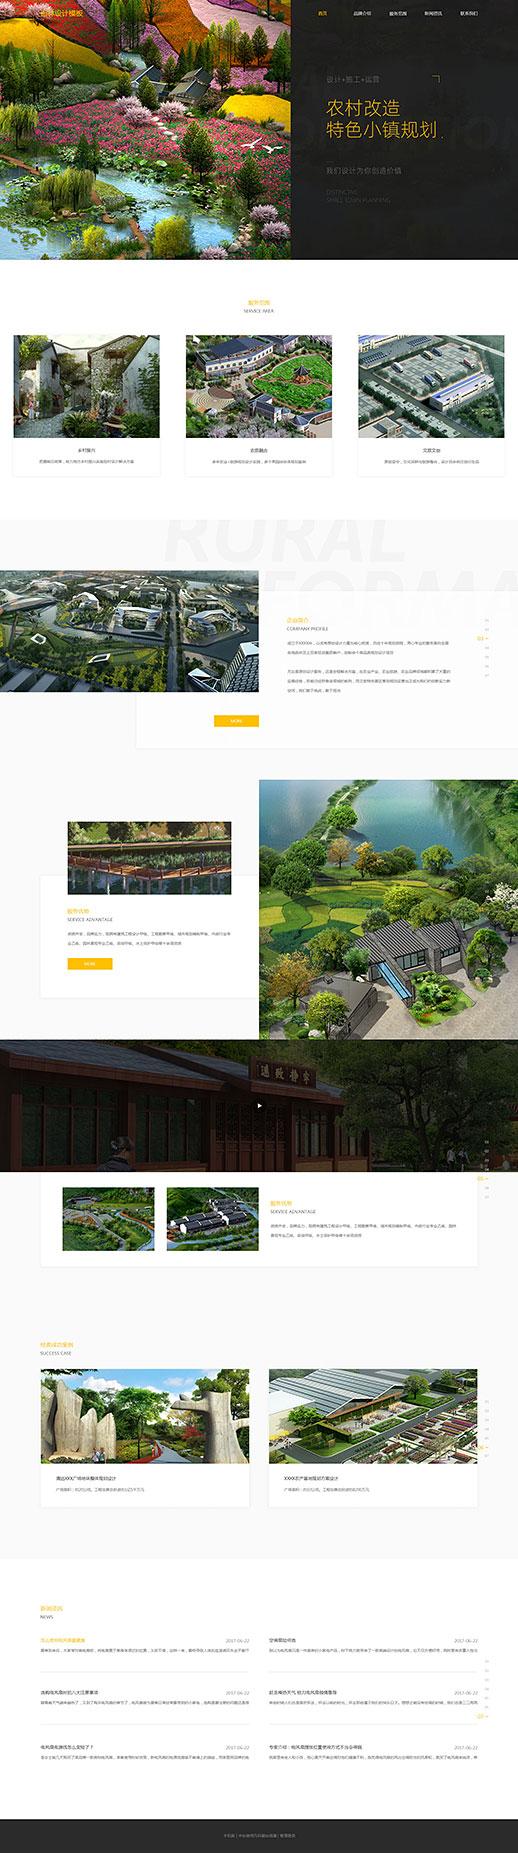 精品园林设计服务